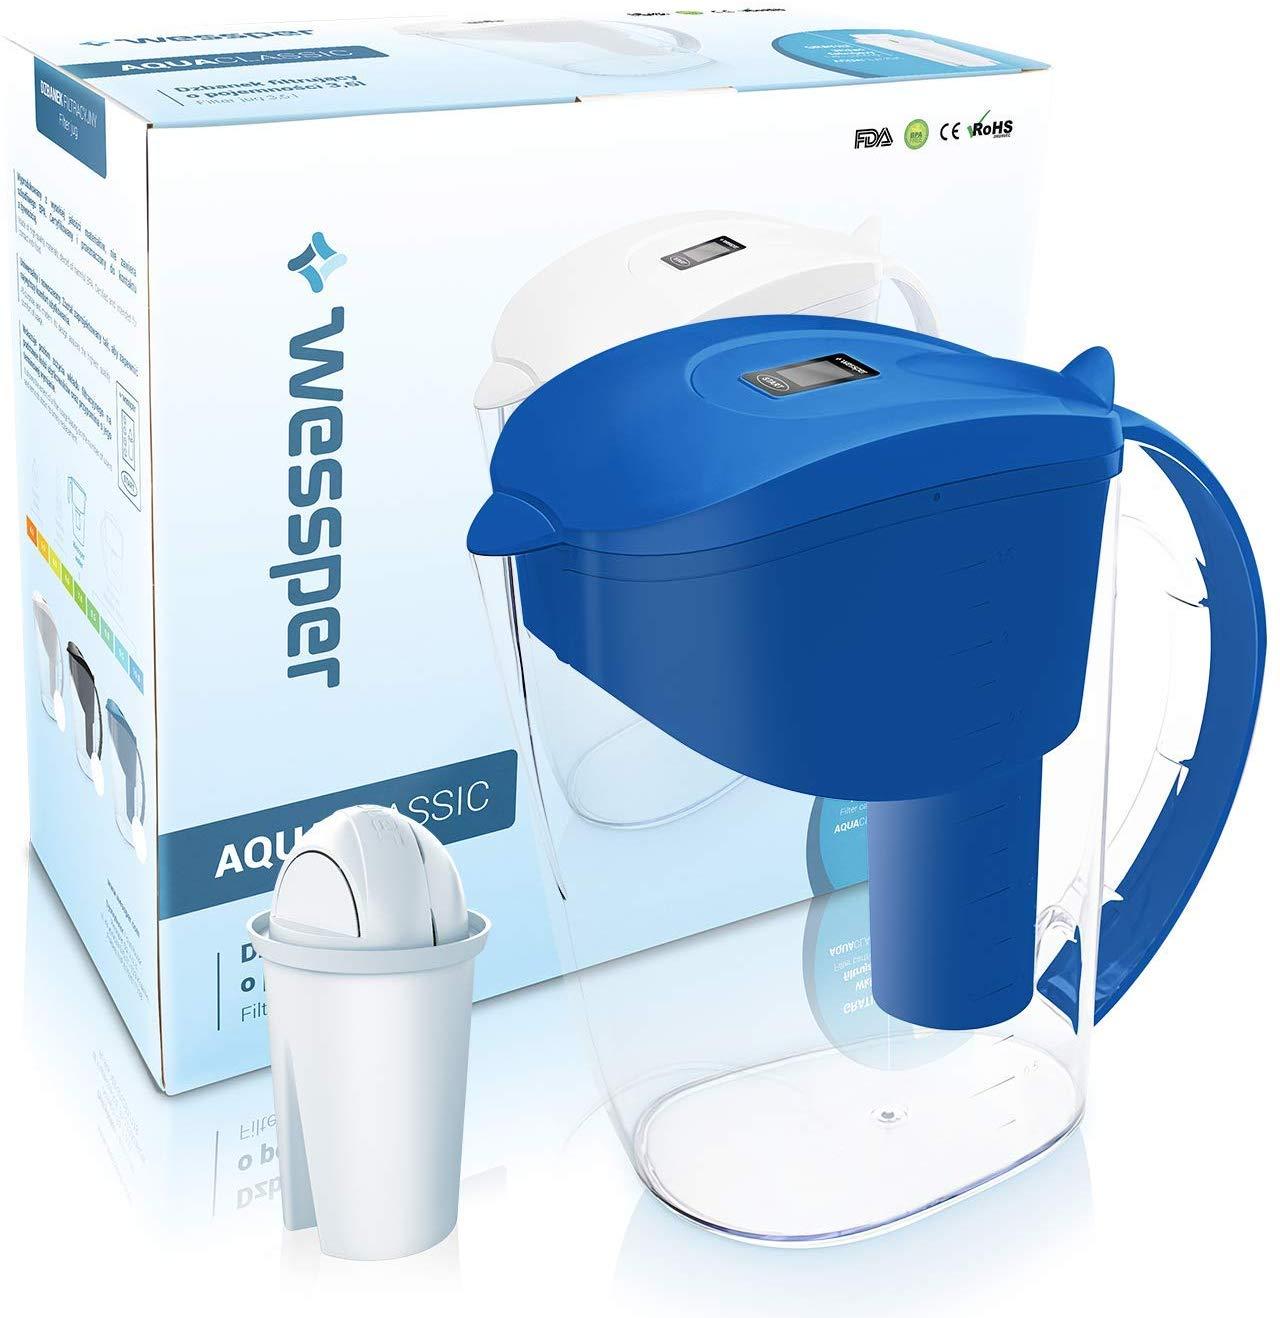 Wessper Wasserfilter Classic inkl. 1 Classic Filterkartusche (kompatibel AQUACLASSIC) 3,5L - BLAU